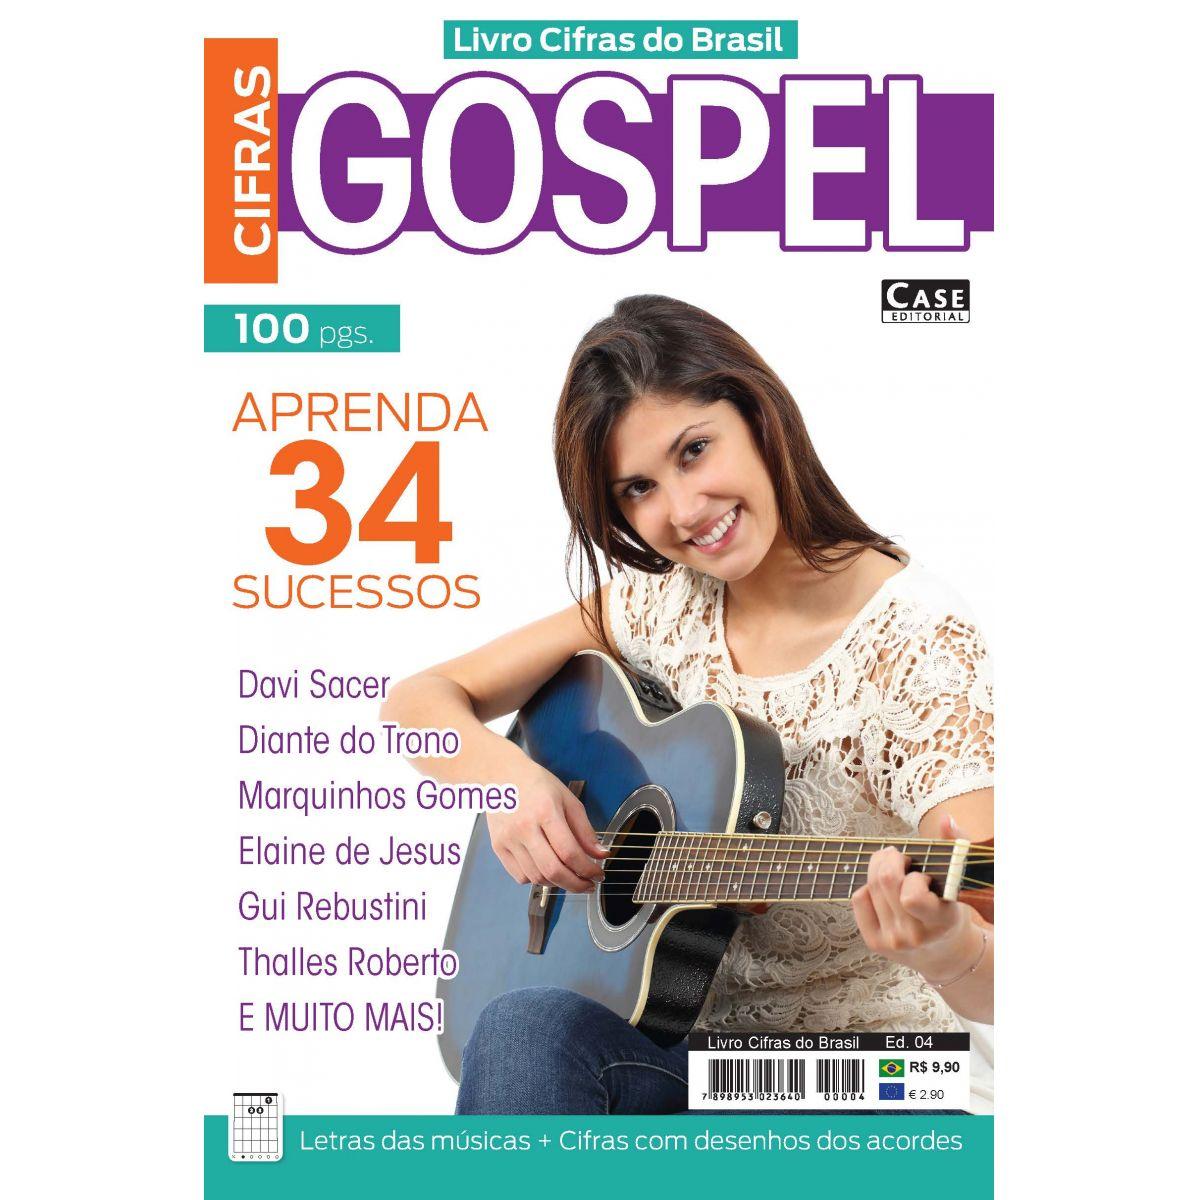 Livro Cifras do Brasil - Edição 04  - Case Editorial